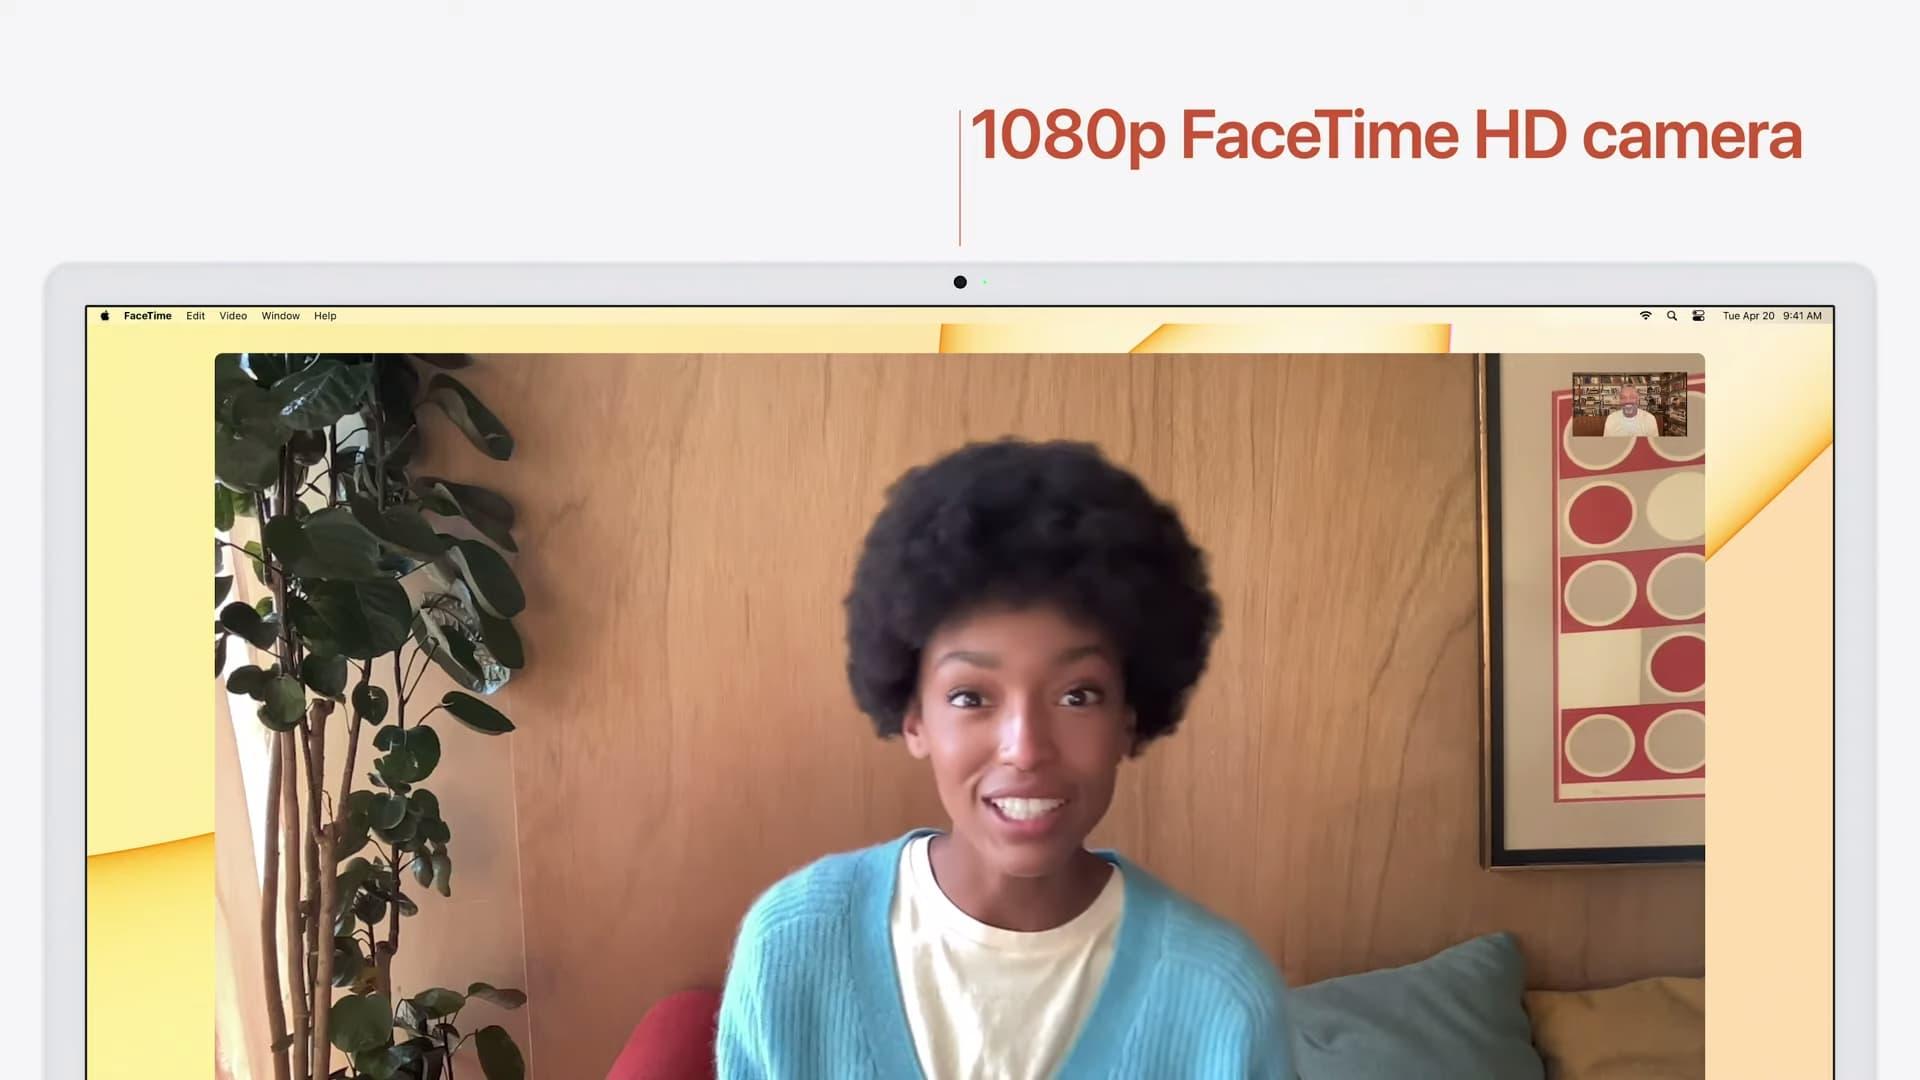 2021-imac-1080p-facetime